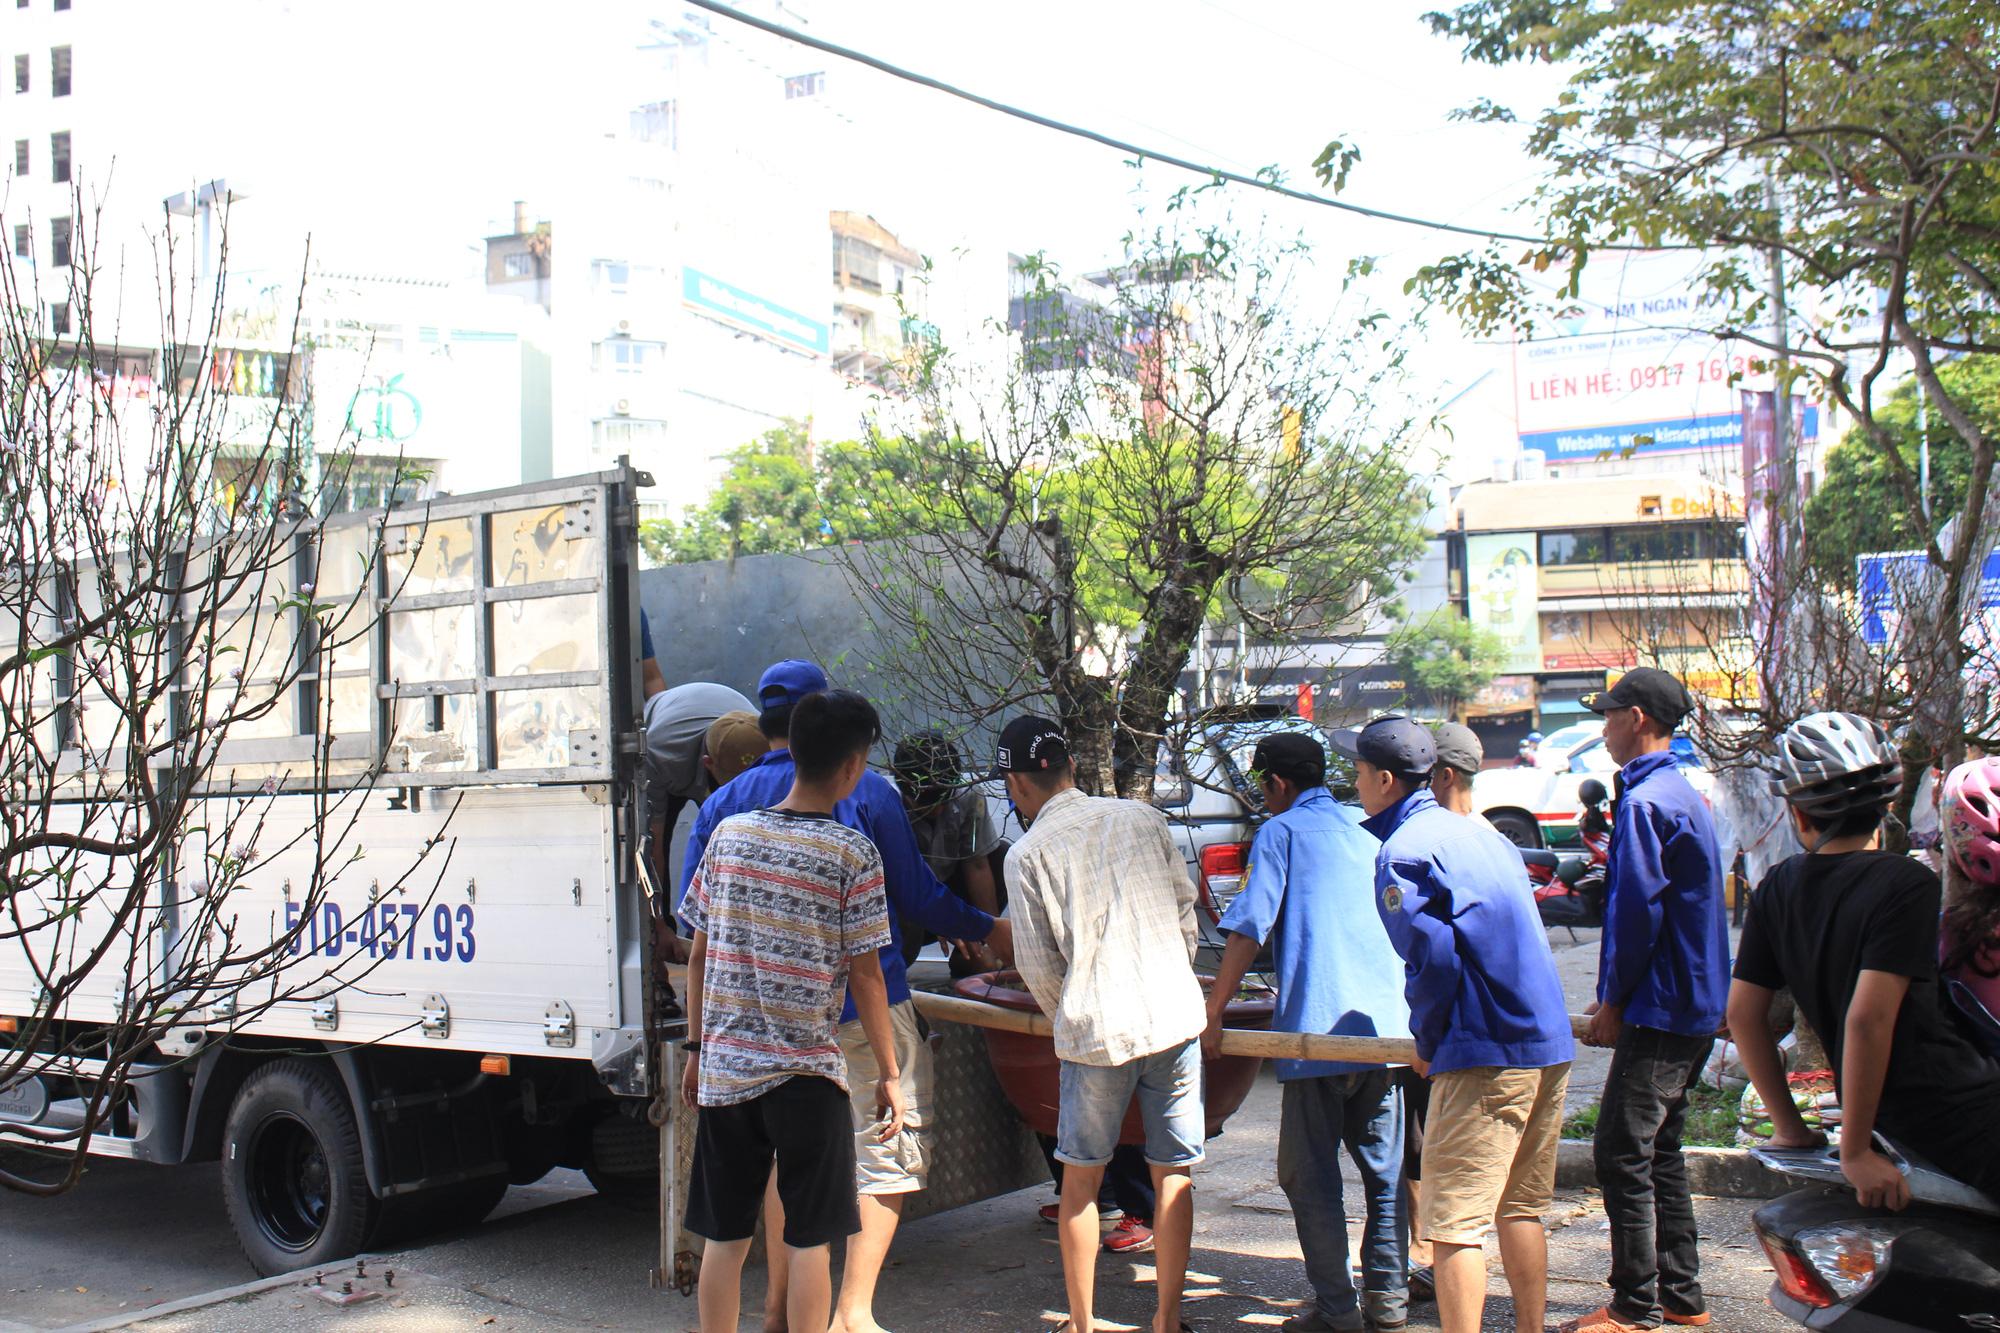 Trưa 30 Tết, mai, đào, hướng dương bán rẻ như cho 50.000 đồng một cây ở chợ hoa Sài Gòn - Ảnh 8.